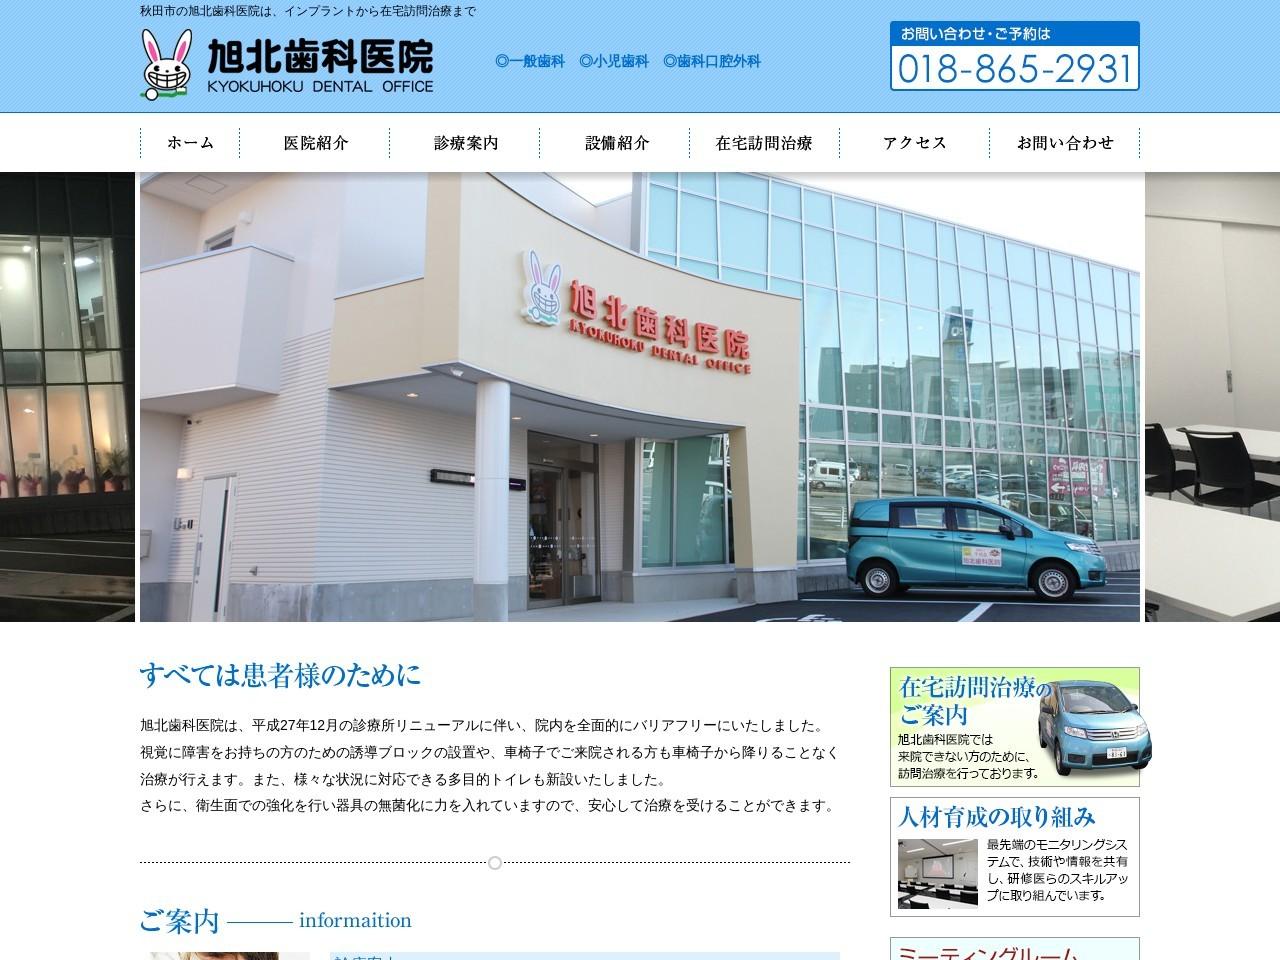 医療法人千成会  旭北歯科医院 (秋田県秋田市)